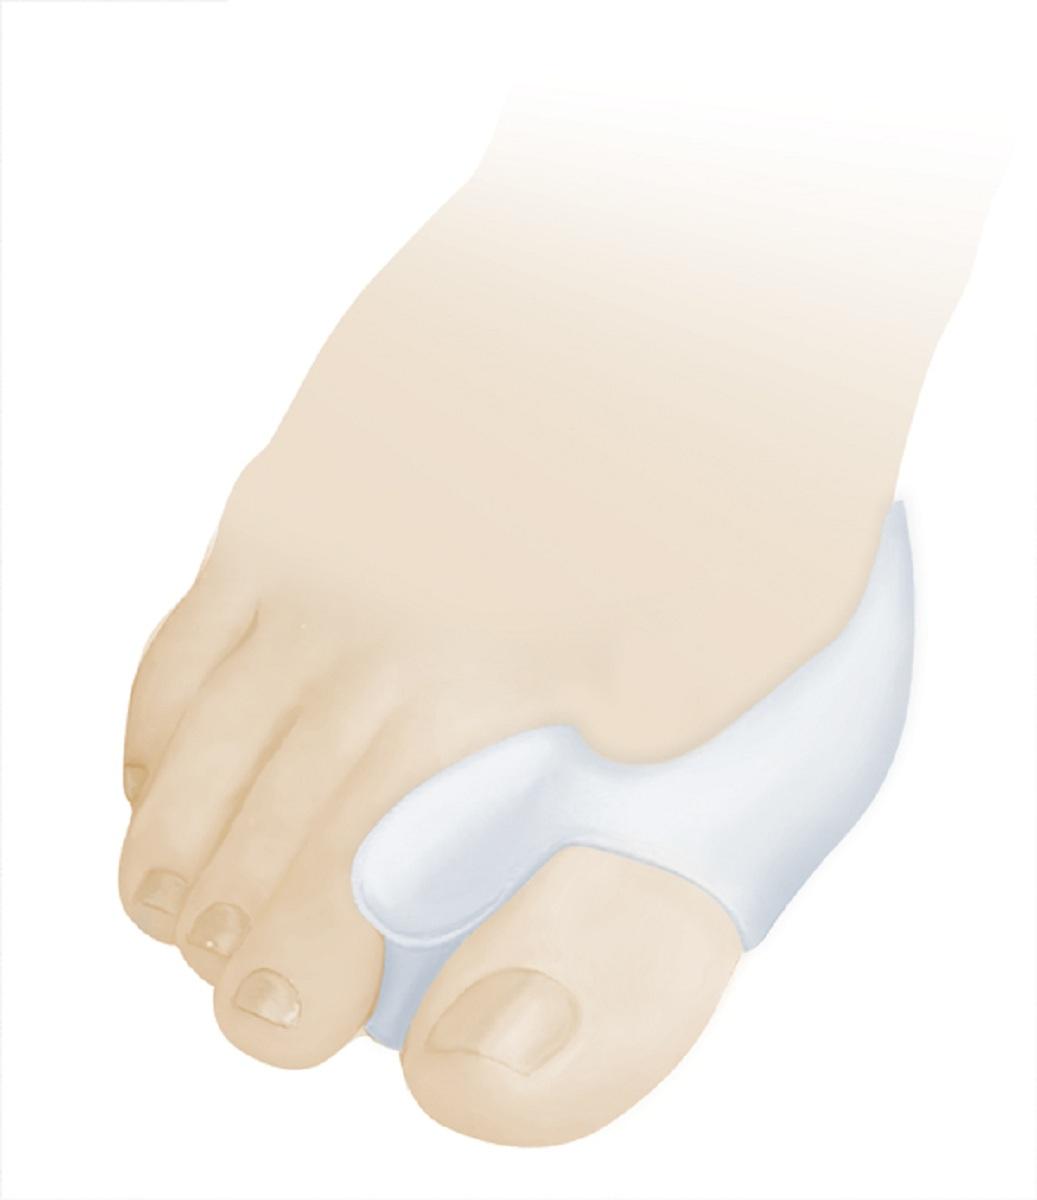 Luomma Бурсопротектор силиконовый с межпальцевой перегородкой Lum902Lum902Размер универсальный. состав: 100% медицинский силикон. Защищает от давления и образования потертостей суставной сумки первого плюснефалангового сустава. В упаковке 2 шт.